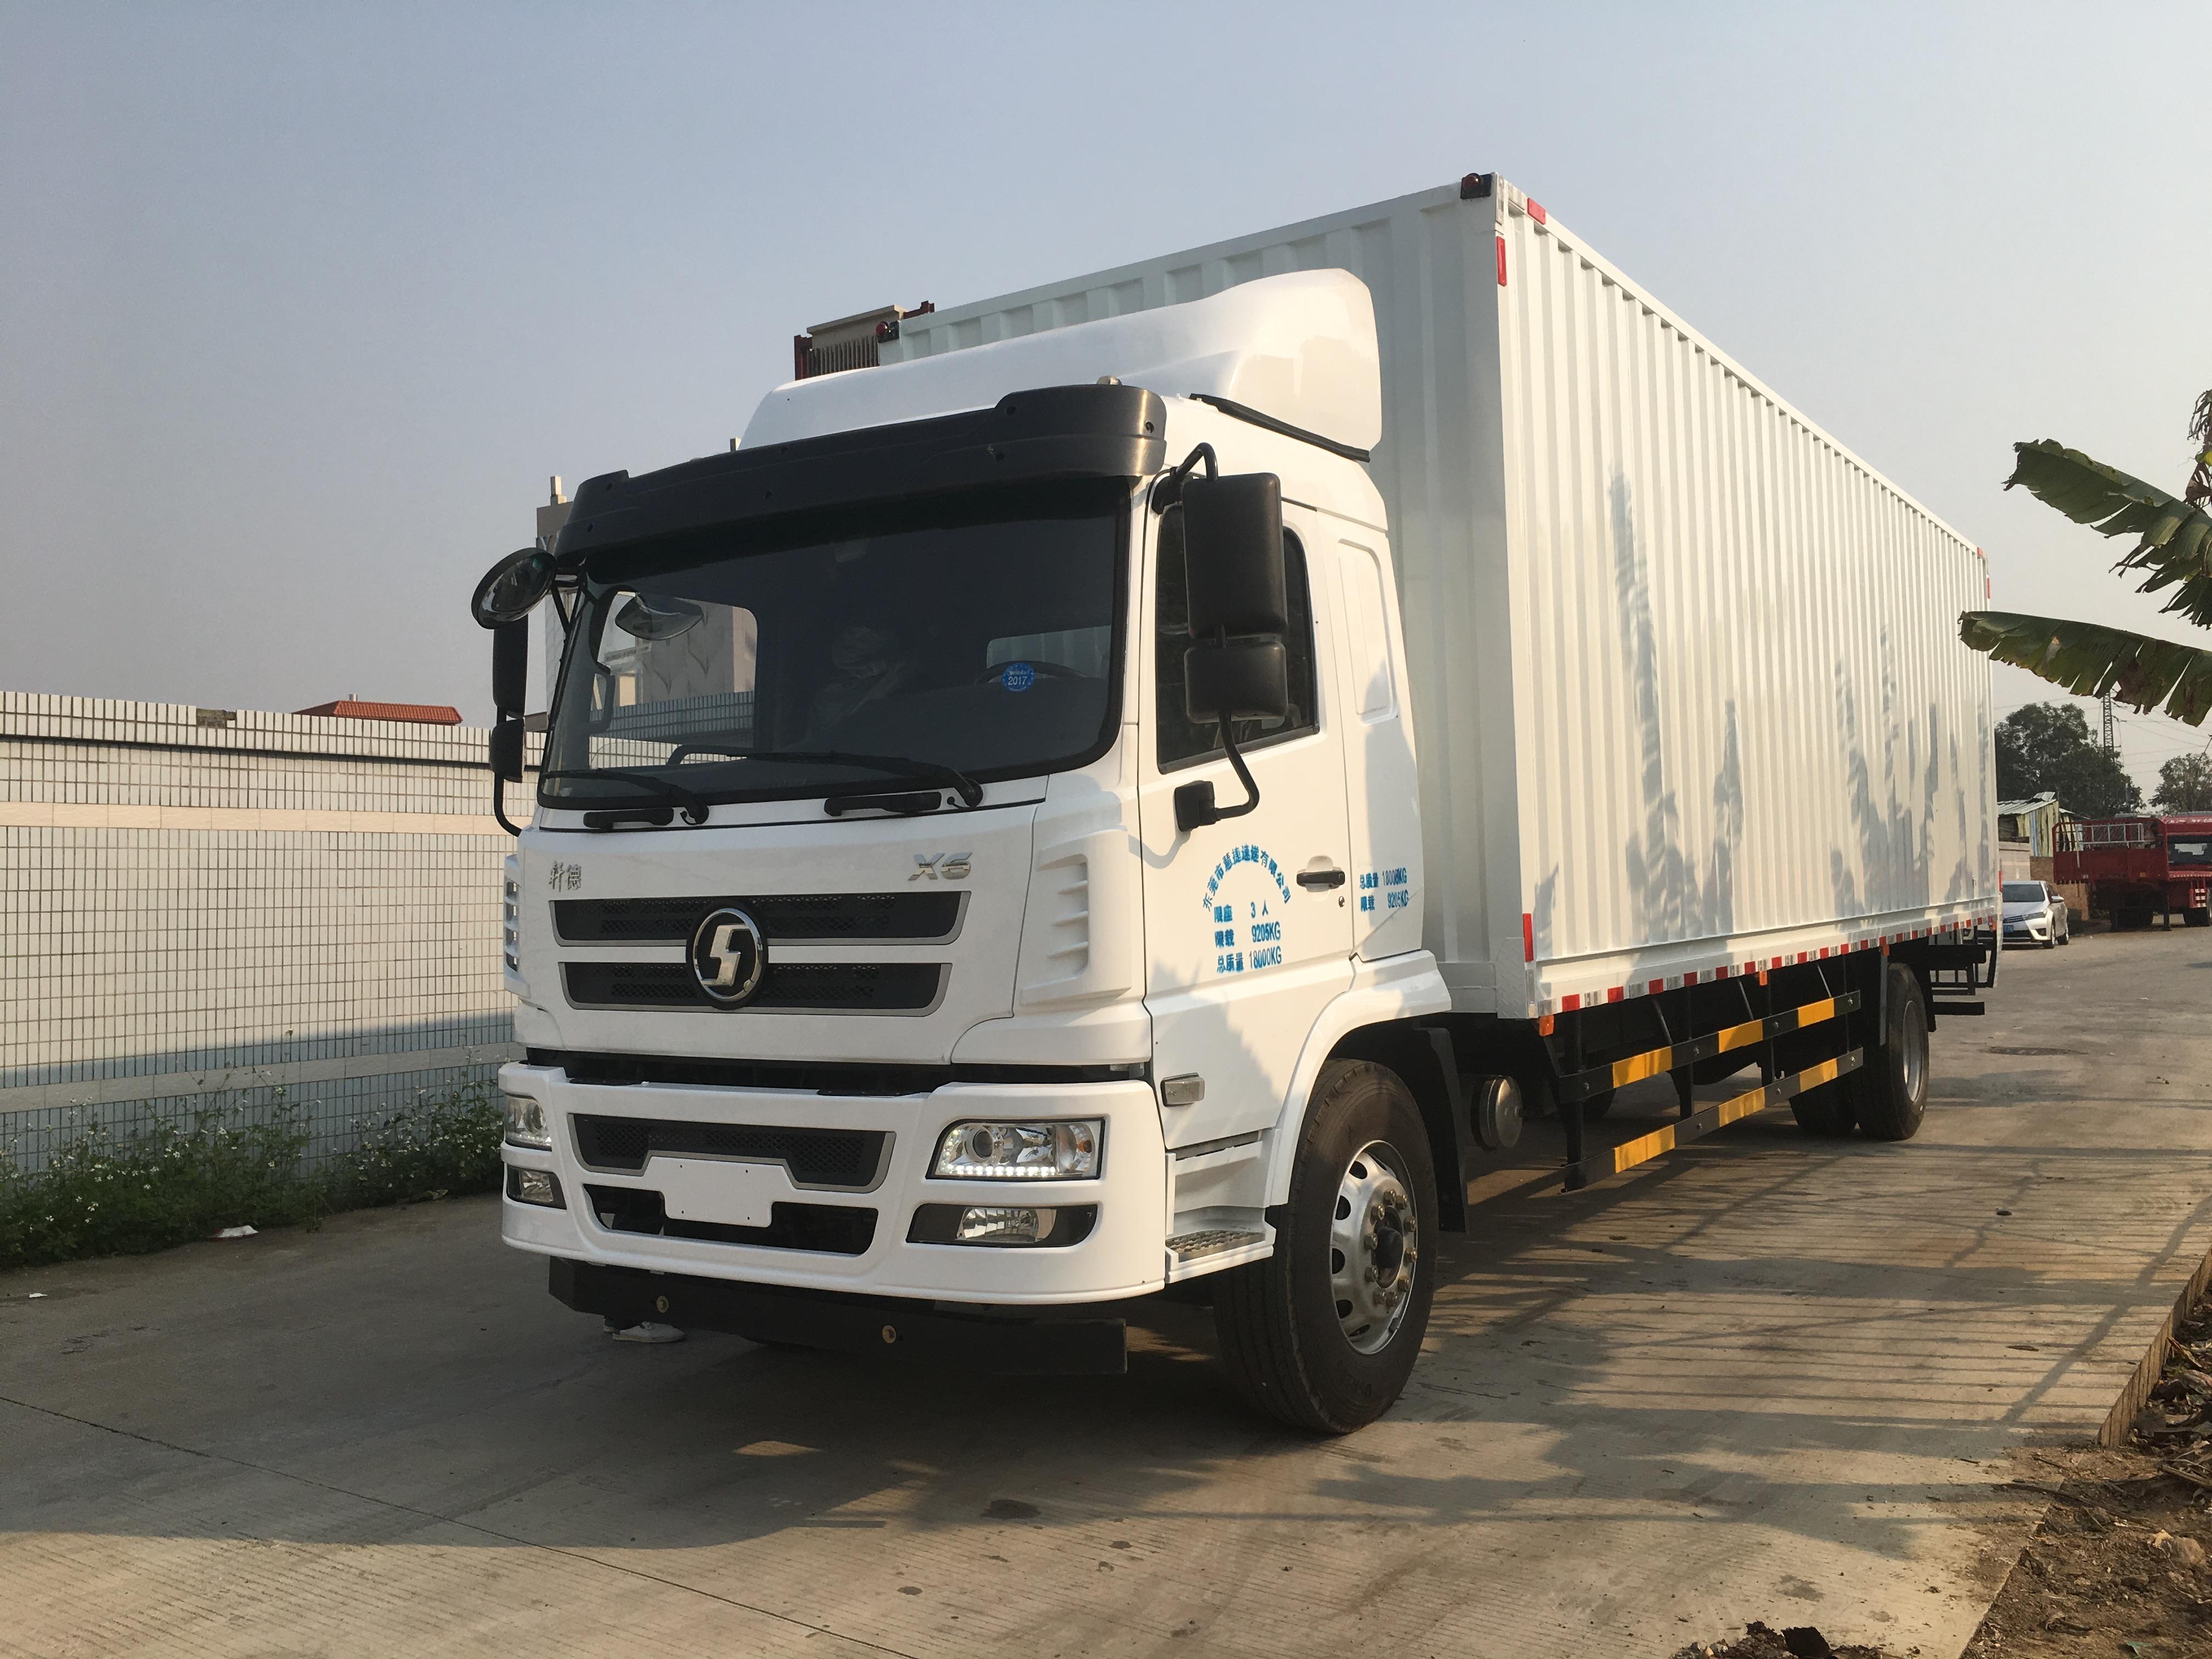 X6-白色-6轮厢式  (2)